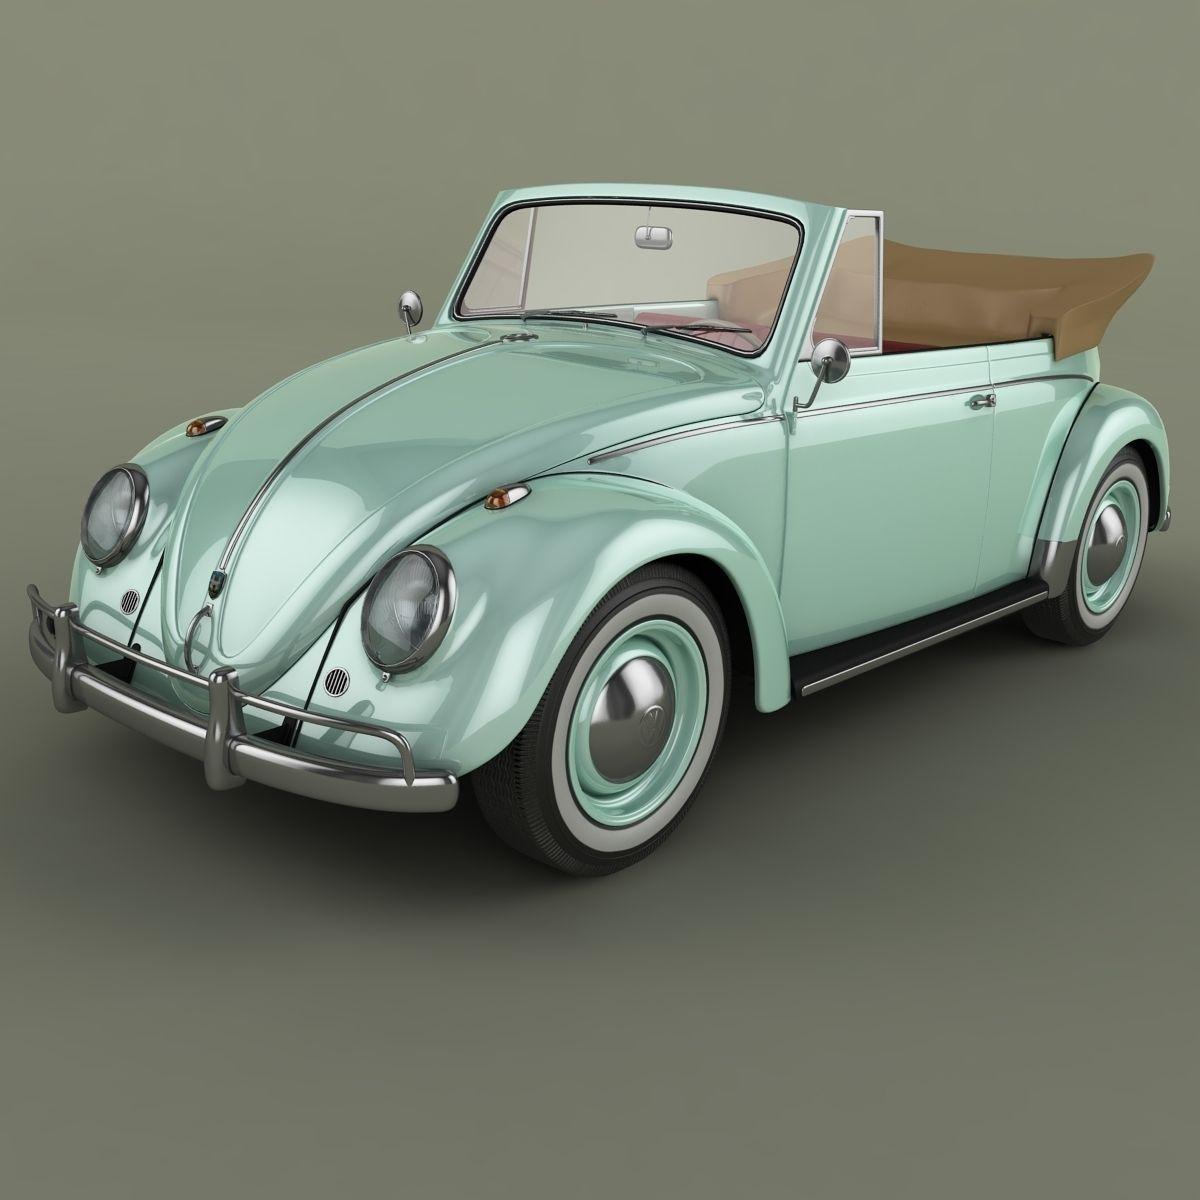 volkswagen beetle cabrio 3d model max obj 3ds fbx. Black Bedroom Furniture Sets. Home Design Ideas